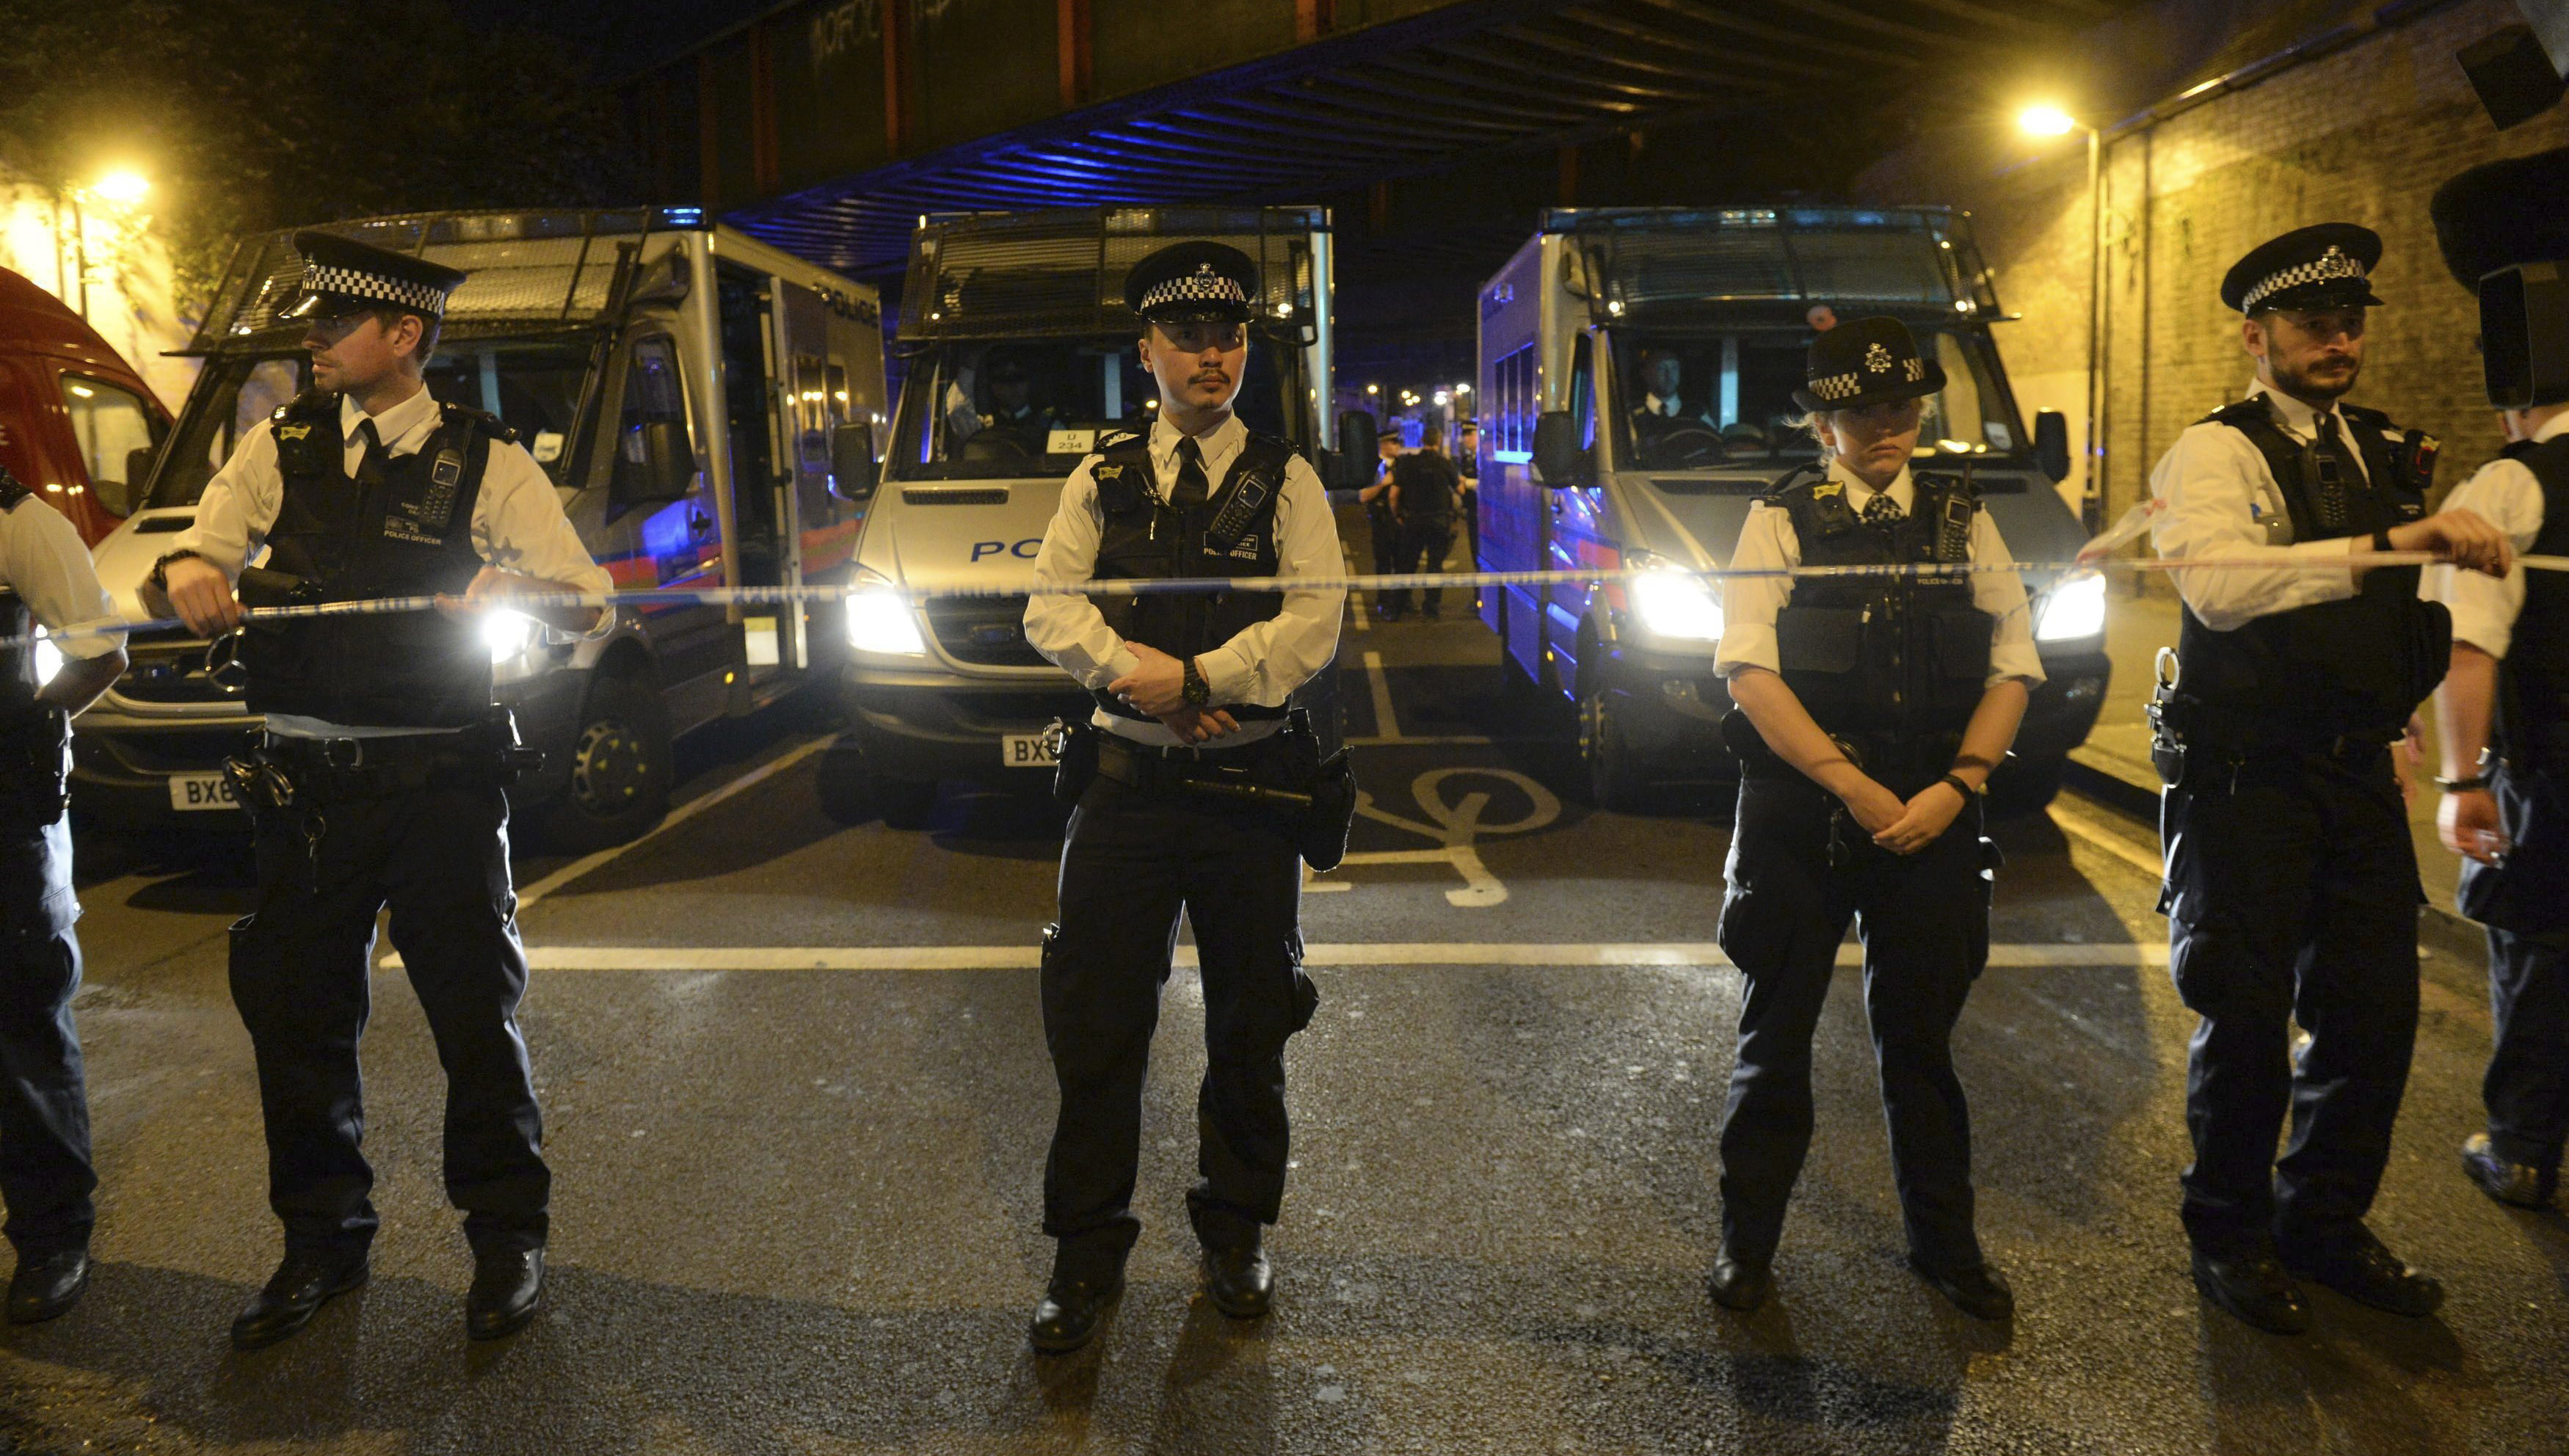 Death, Crushed, Van, Attacks, London